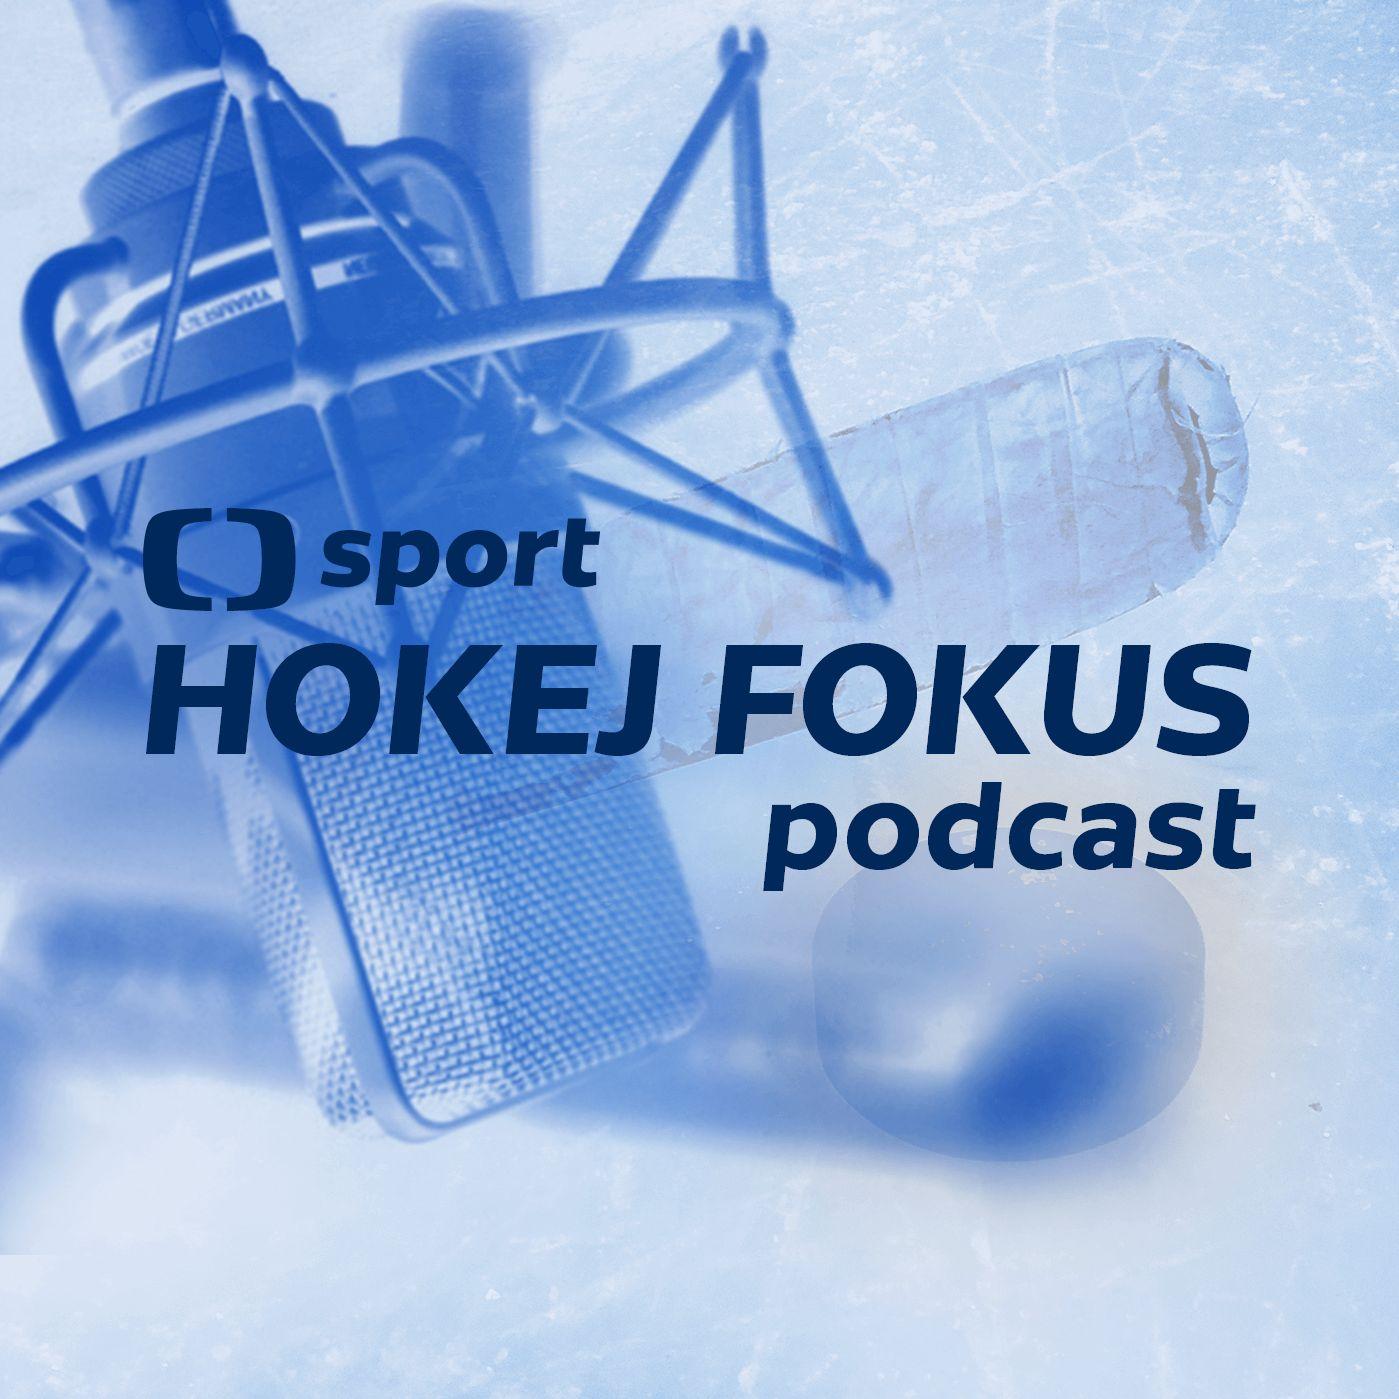 Hokej fokus podcast: Dotáhne to Kometa po triumfu nad Spartou až do finále?